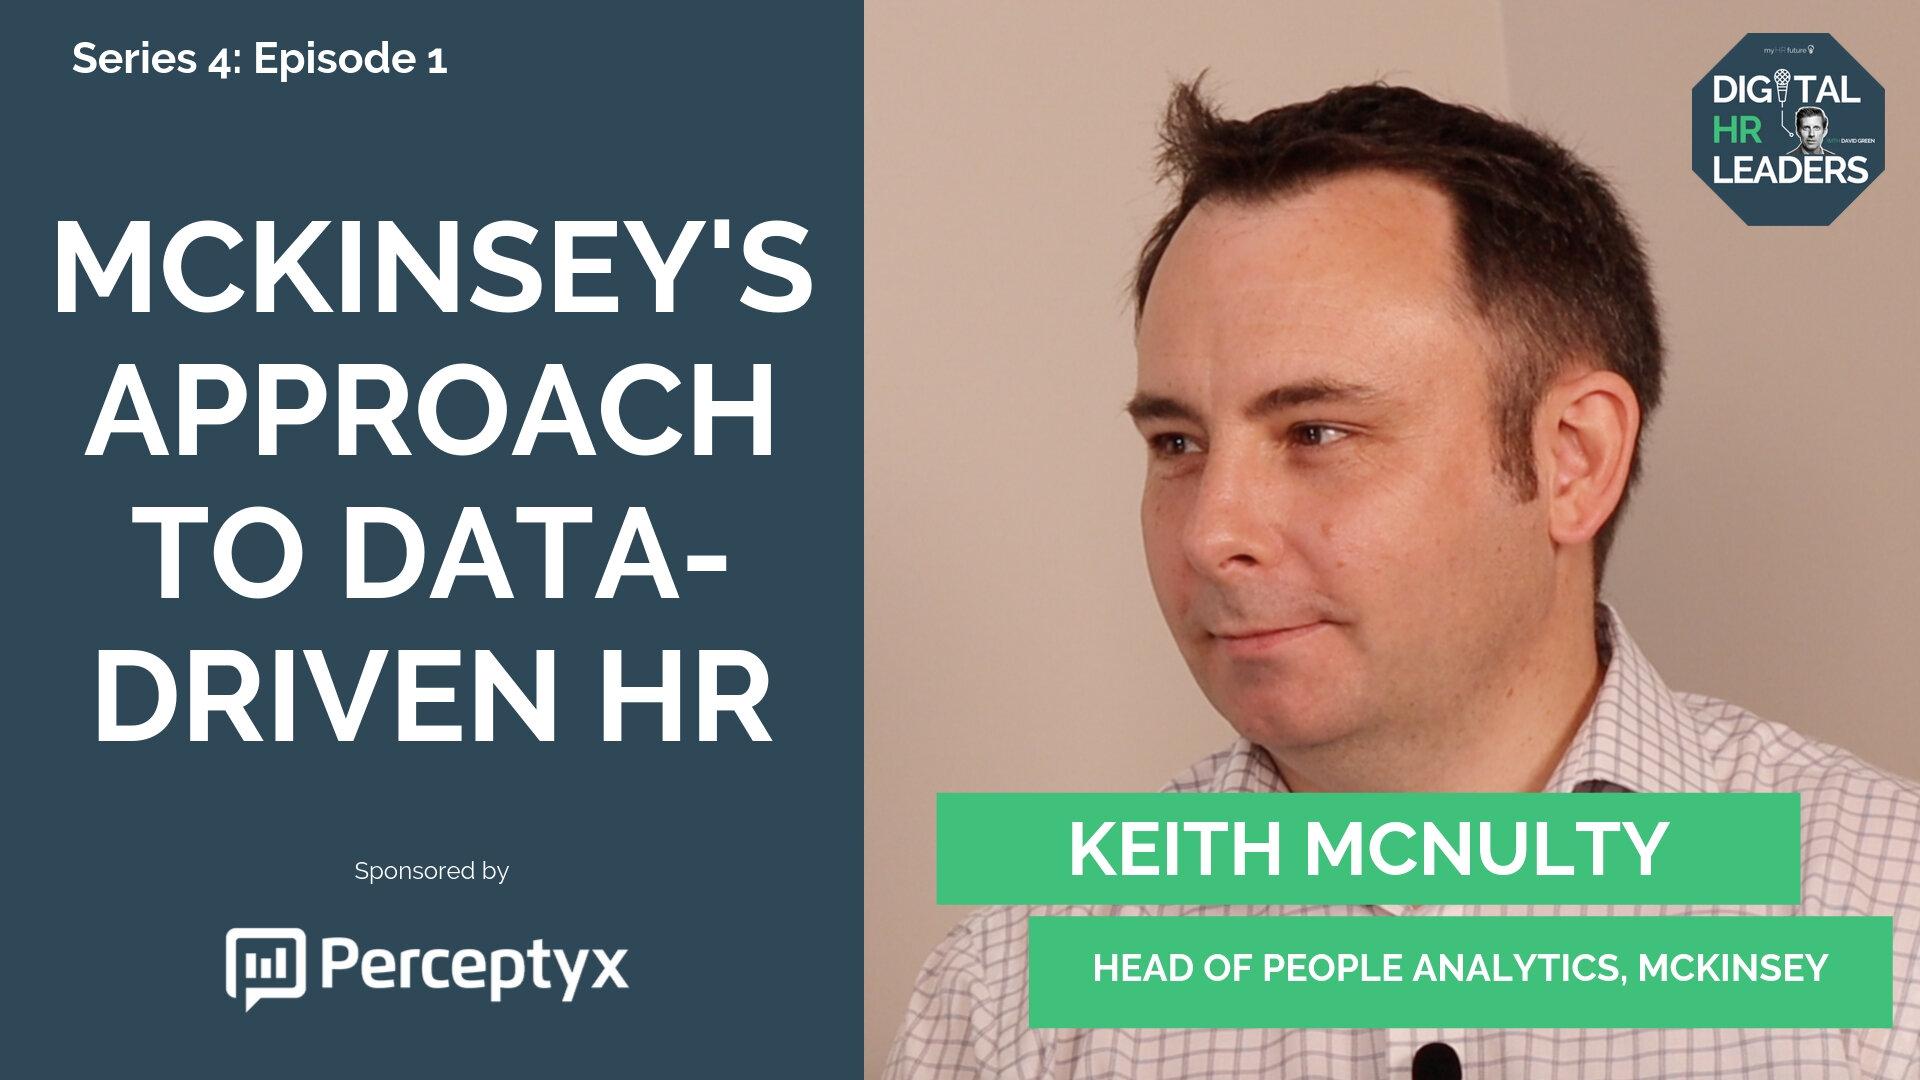 Keith-McNulty_Digital-HR-Leaders-Podcast_Tile.jpg